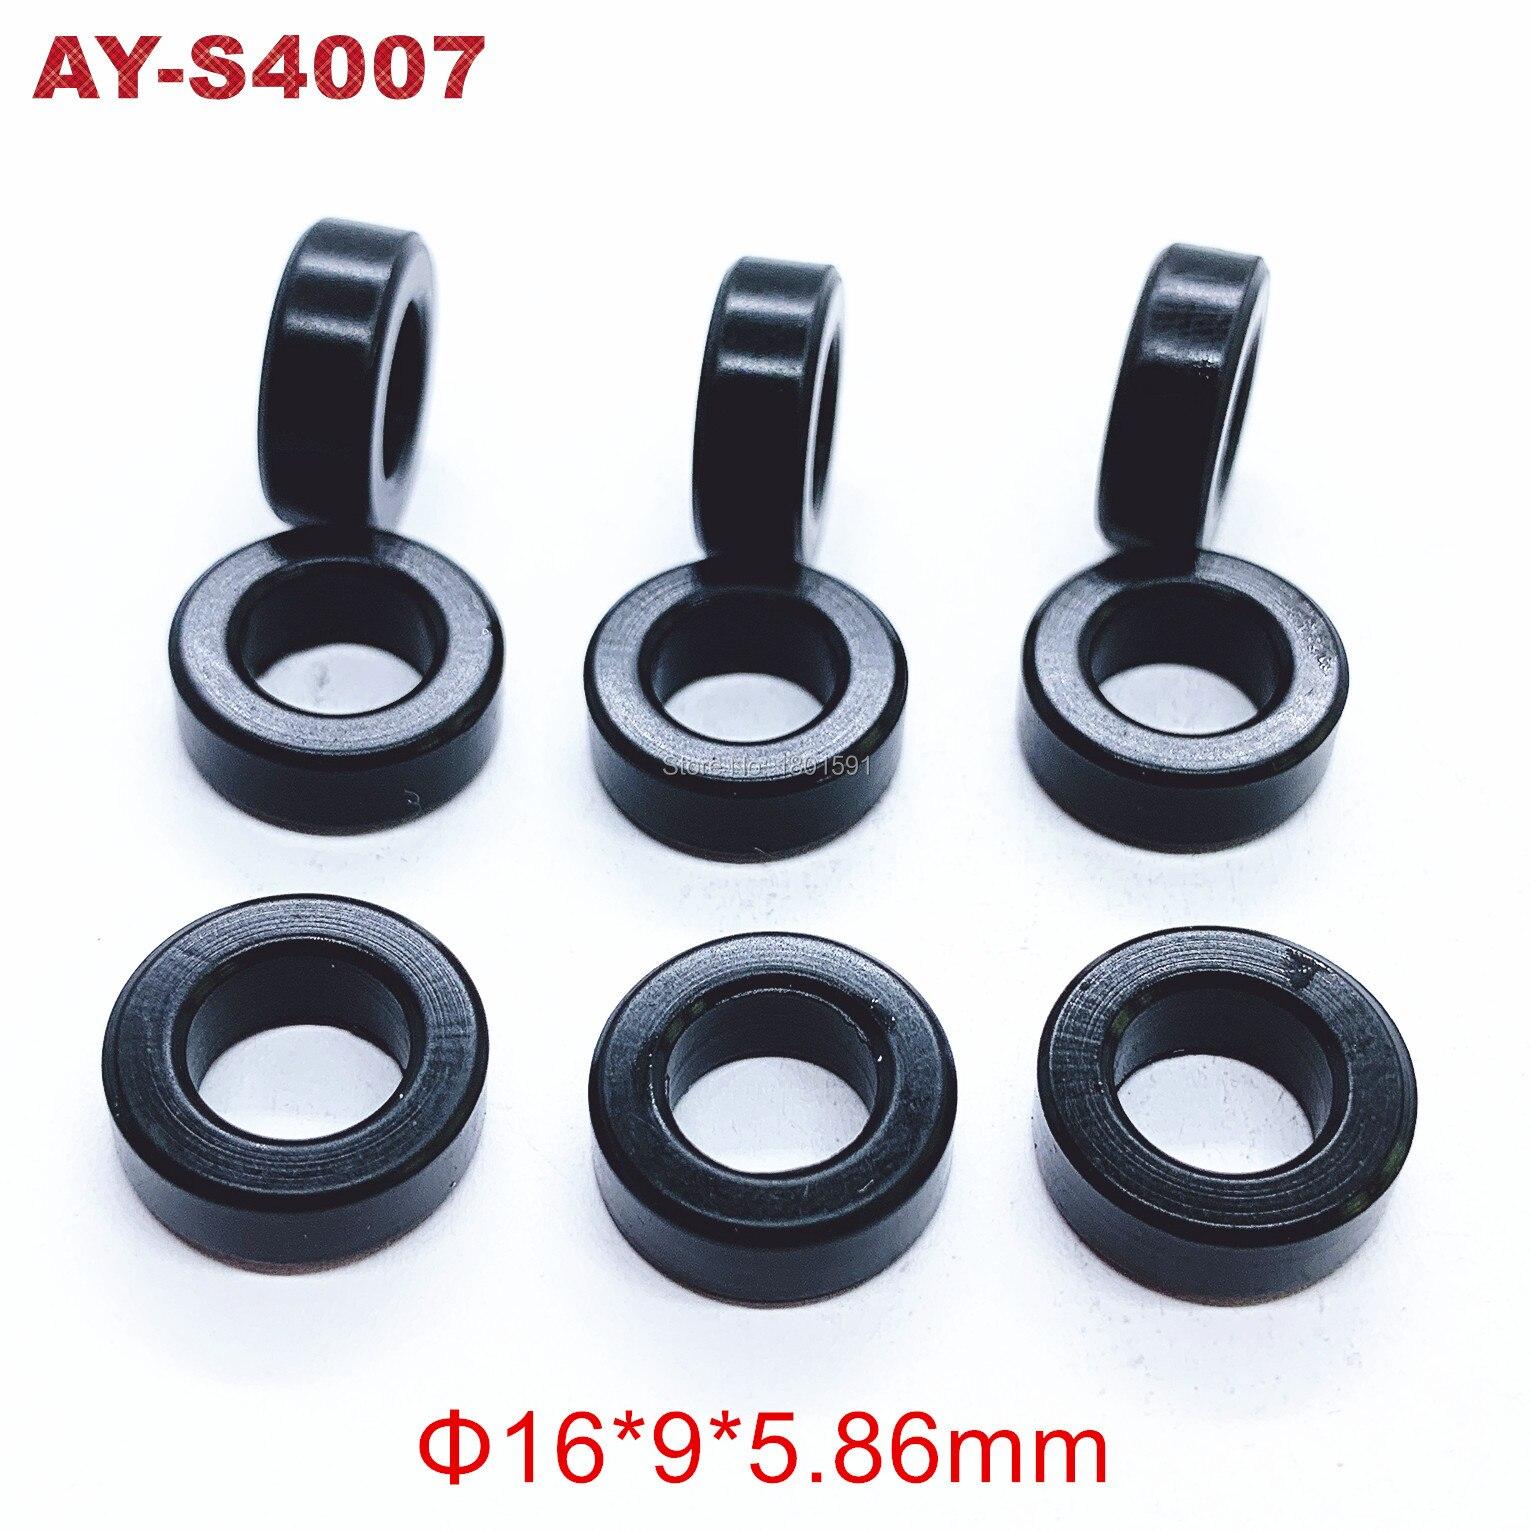 200 sztuk faliste uszczelki gumowe oring 16*9*5.8mm dla toyota zestawy naprawcze wtryskiwaczy paliwa (AY-S4007)